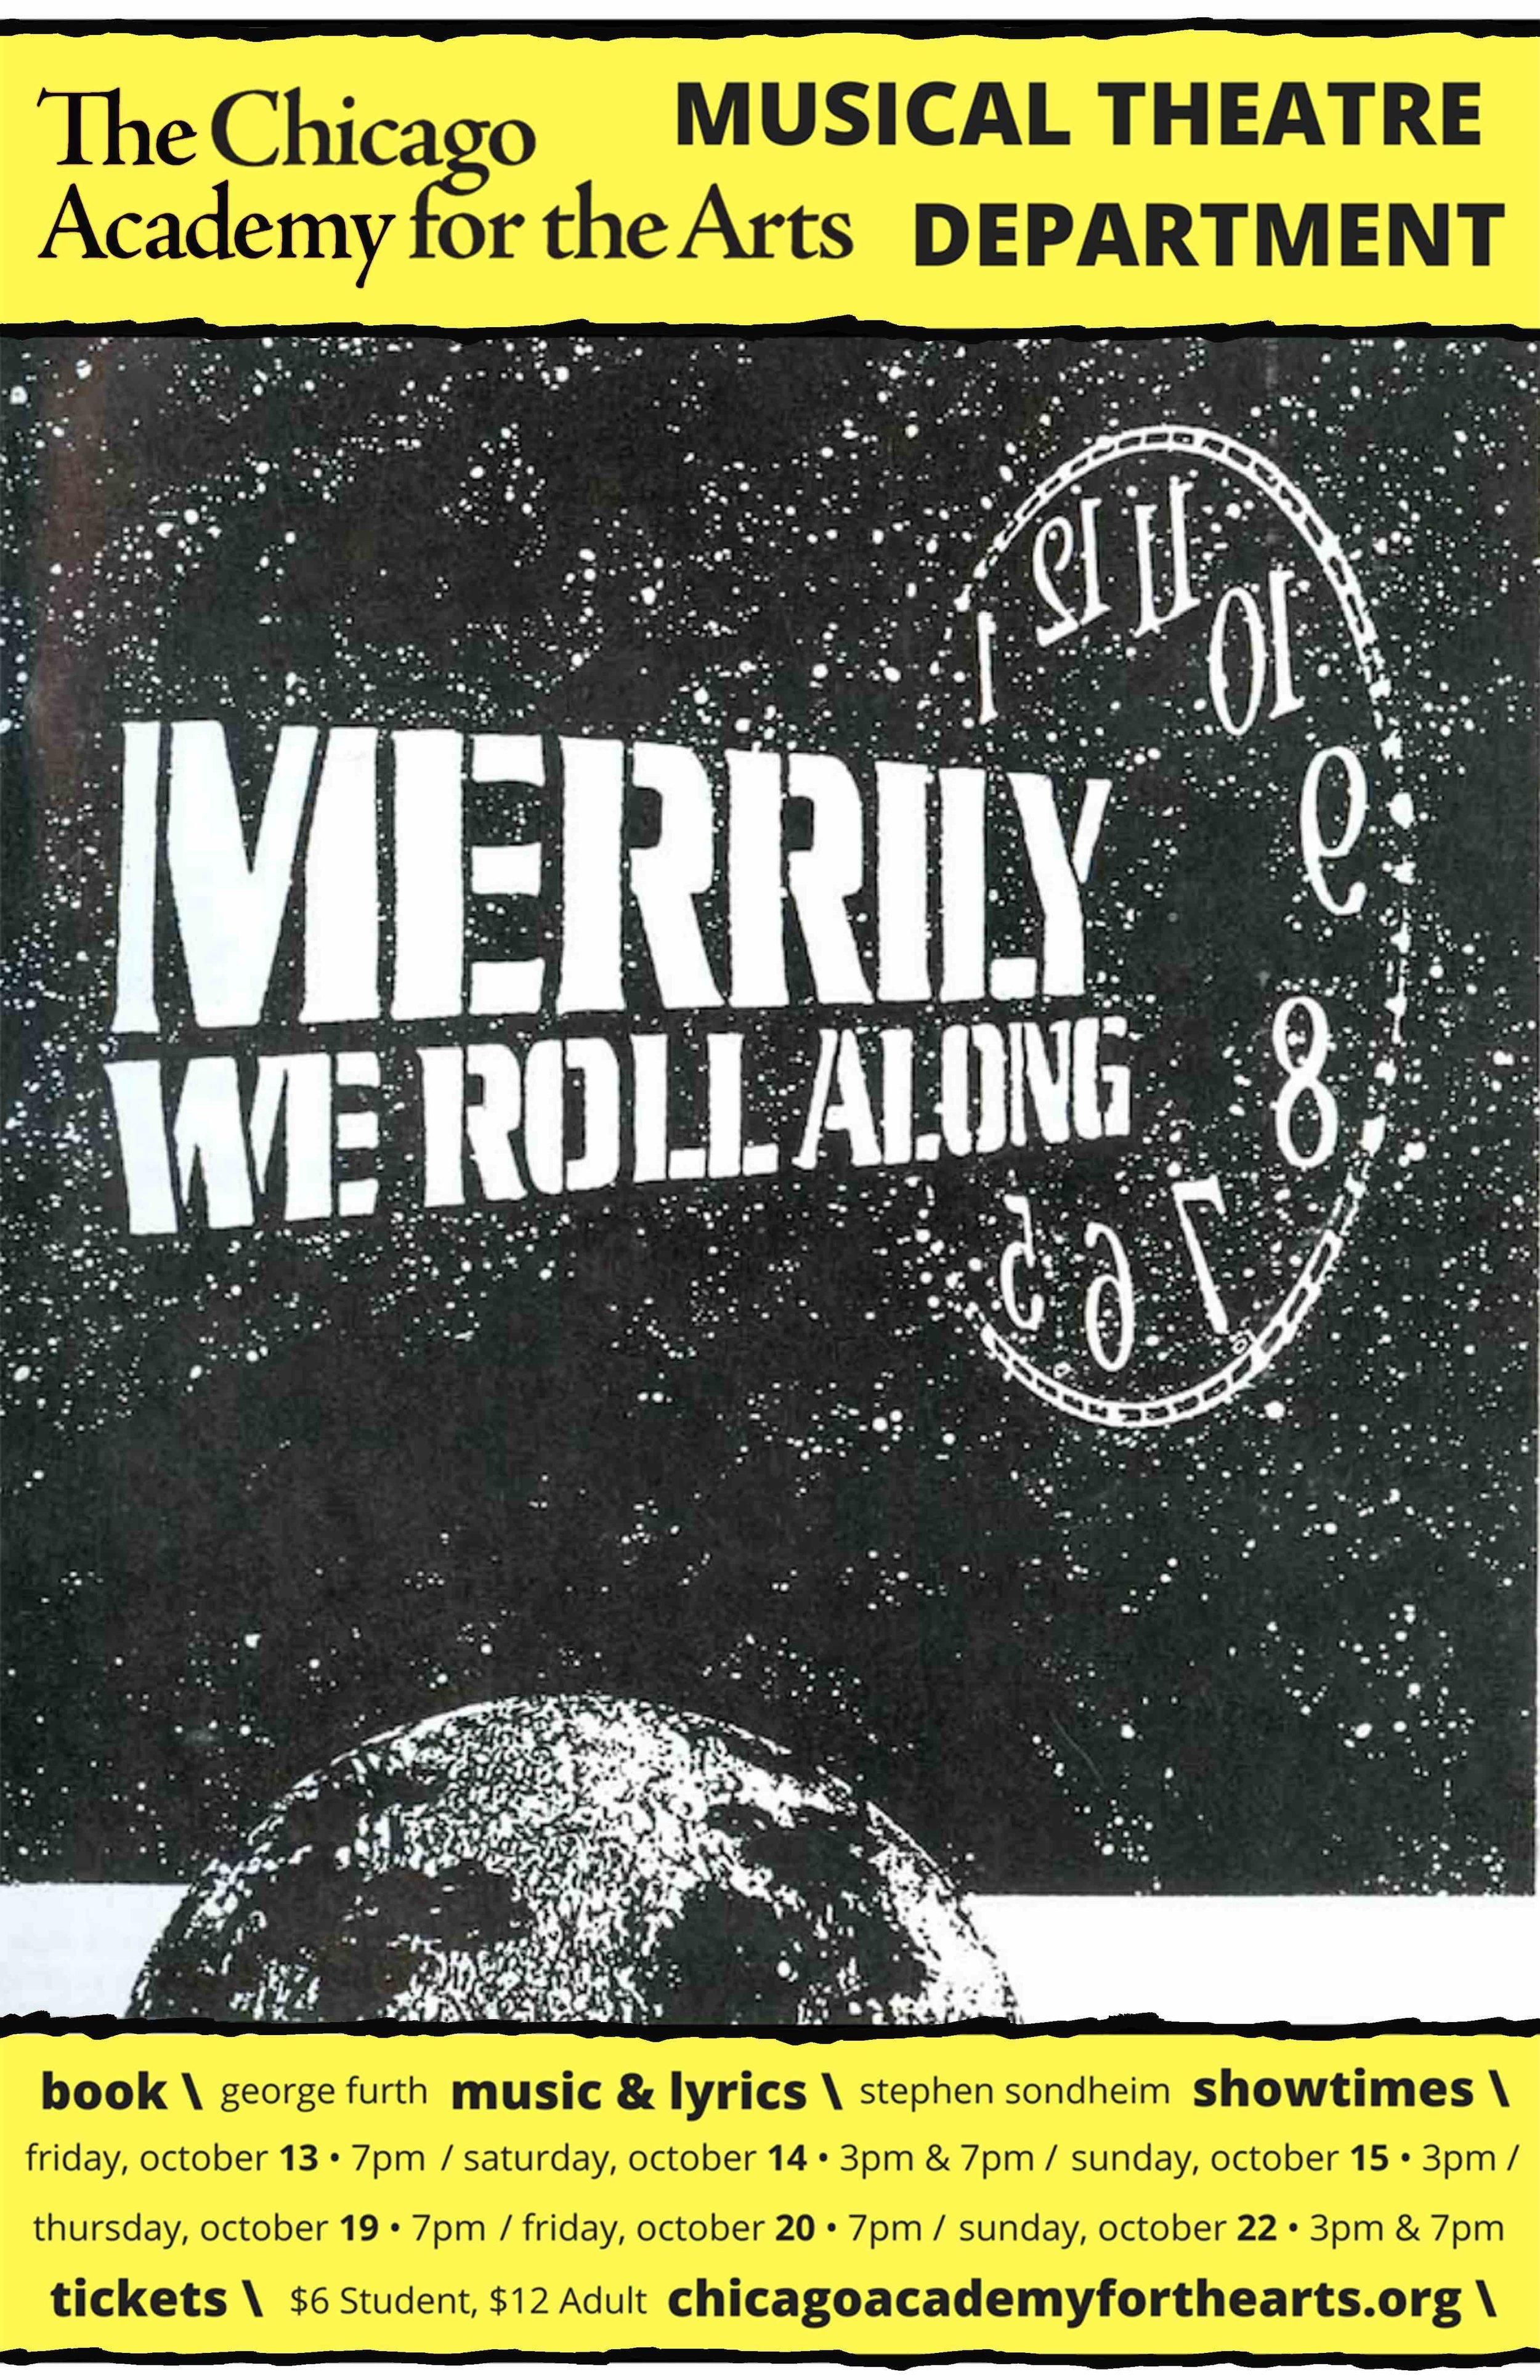 merrily we roll along poster.jpg